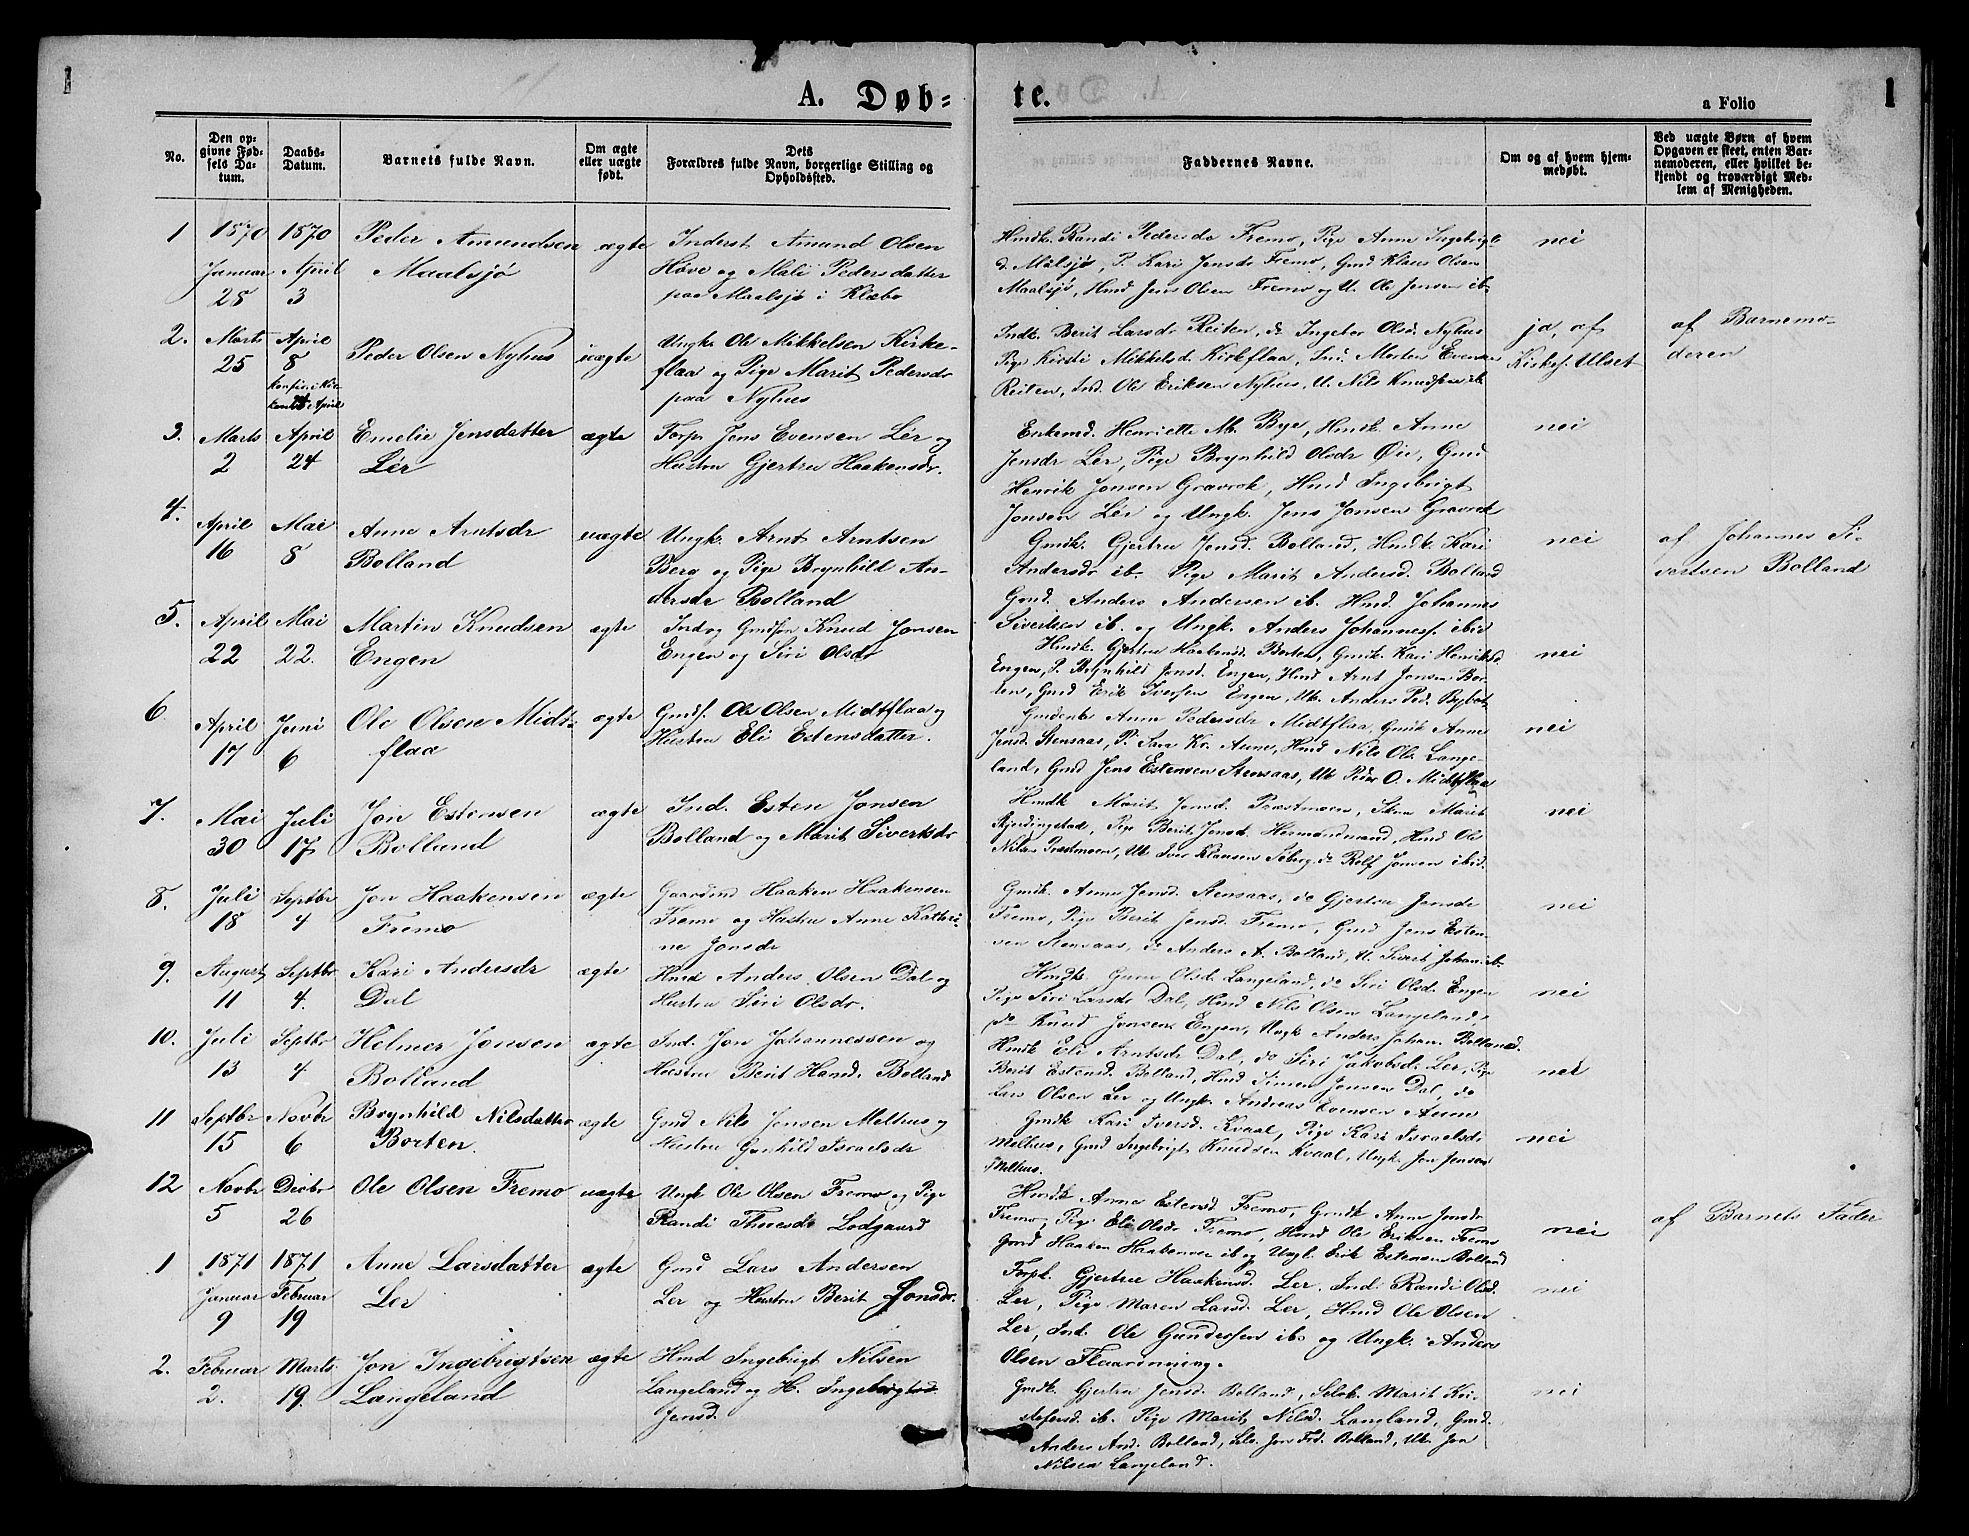 SAT, Ministerialprotokoller, klokkerbøker og fødselsregistre - Sør-Trøndelag, 693/L1122: Klokkerbok nr. 693C03, 1870-1886, s. 1